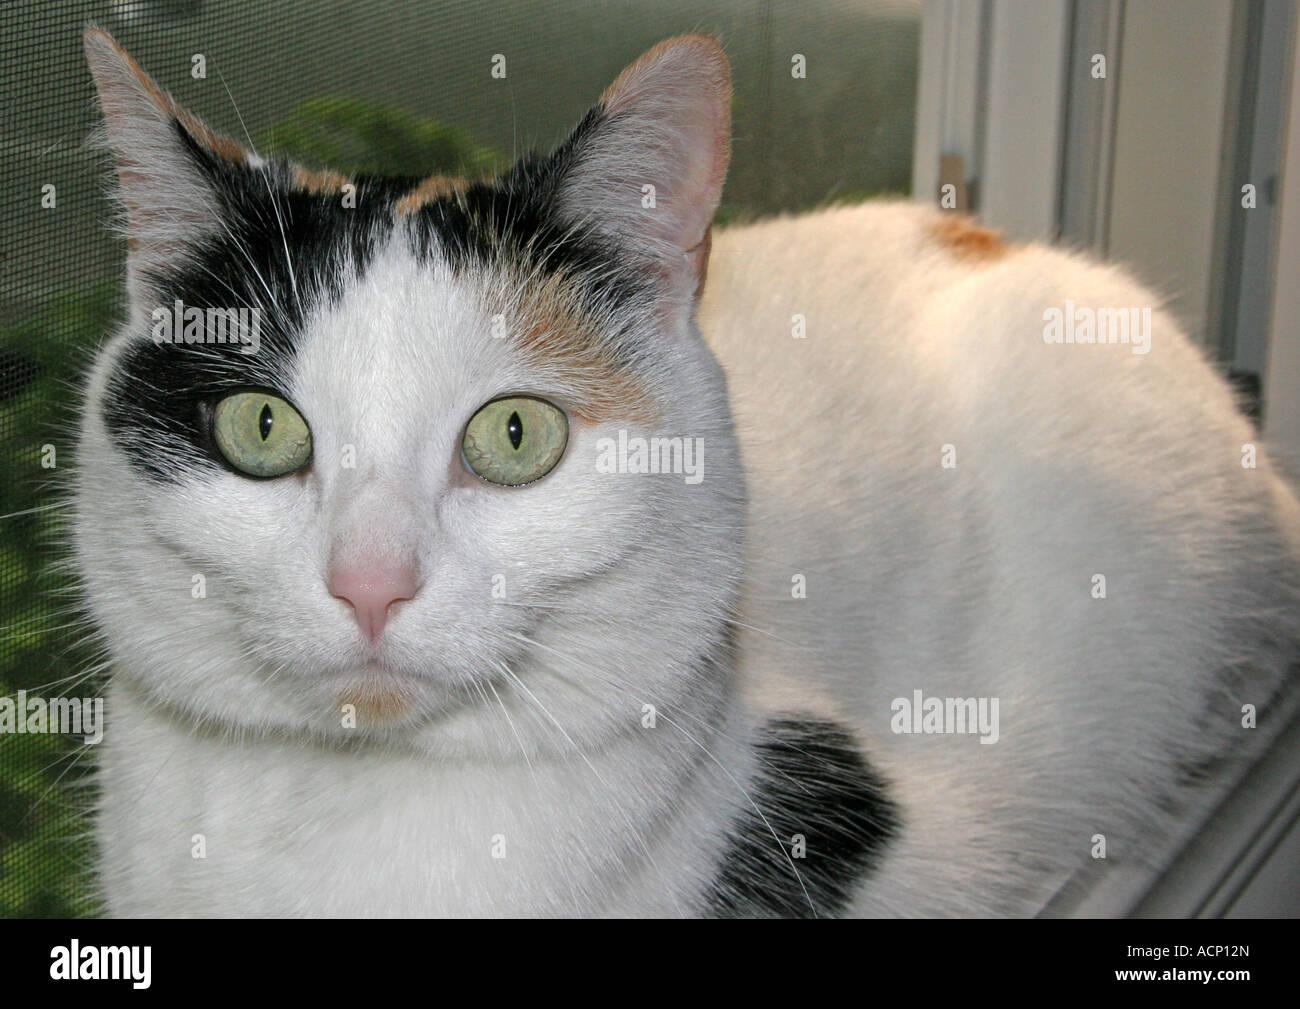 Cat Shock Stock Photos & Cat Shock Stock Images - Alamy